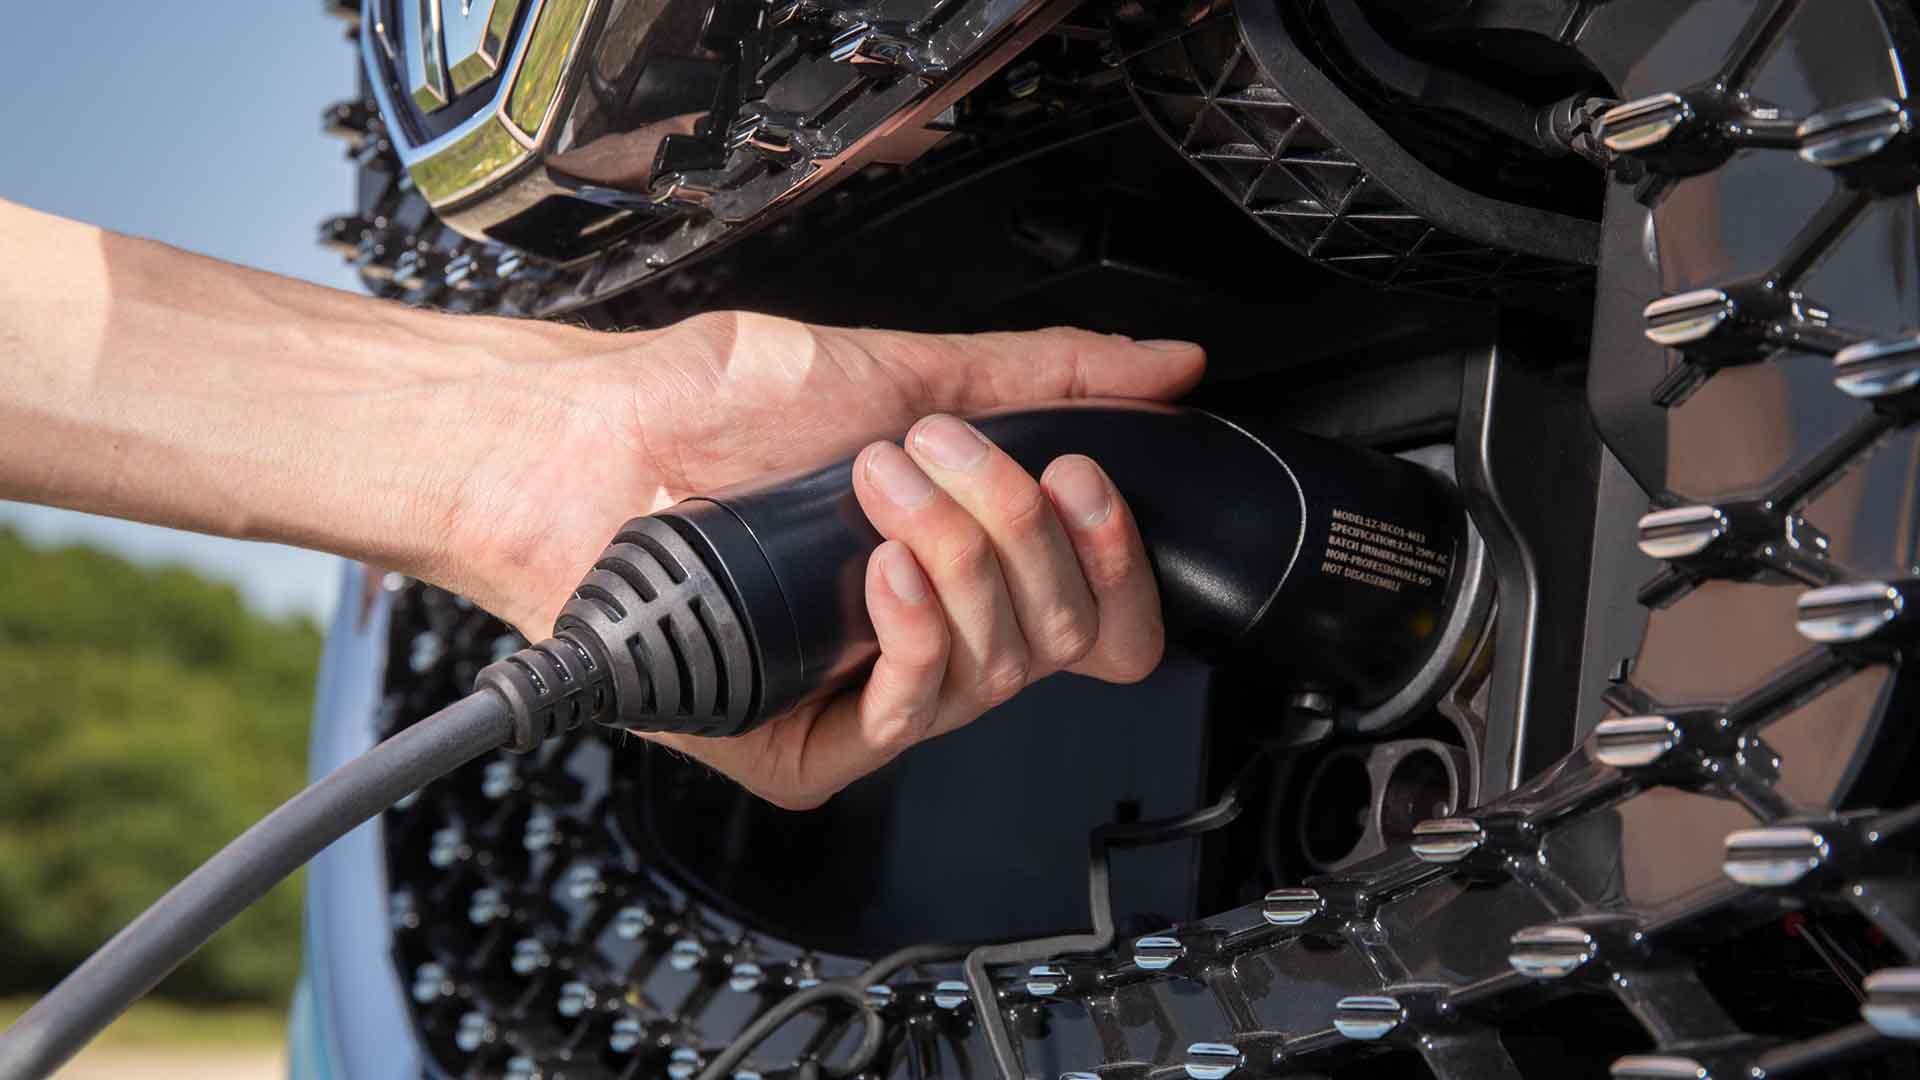 MG ZS EV charging